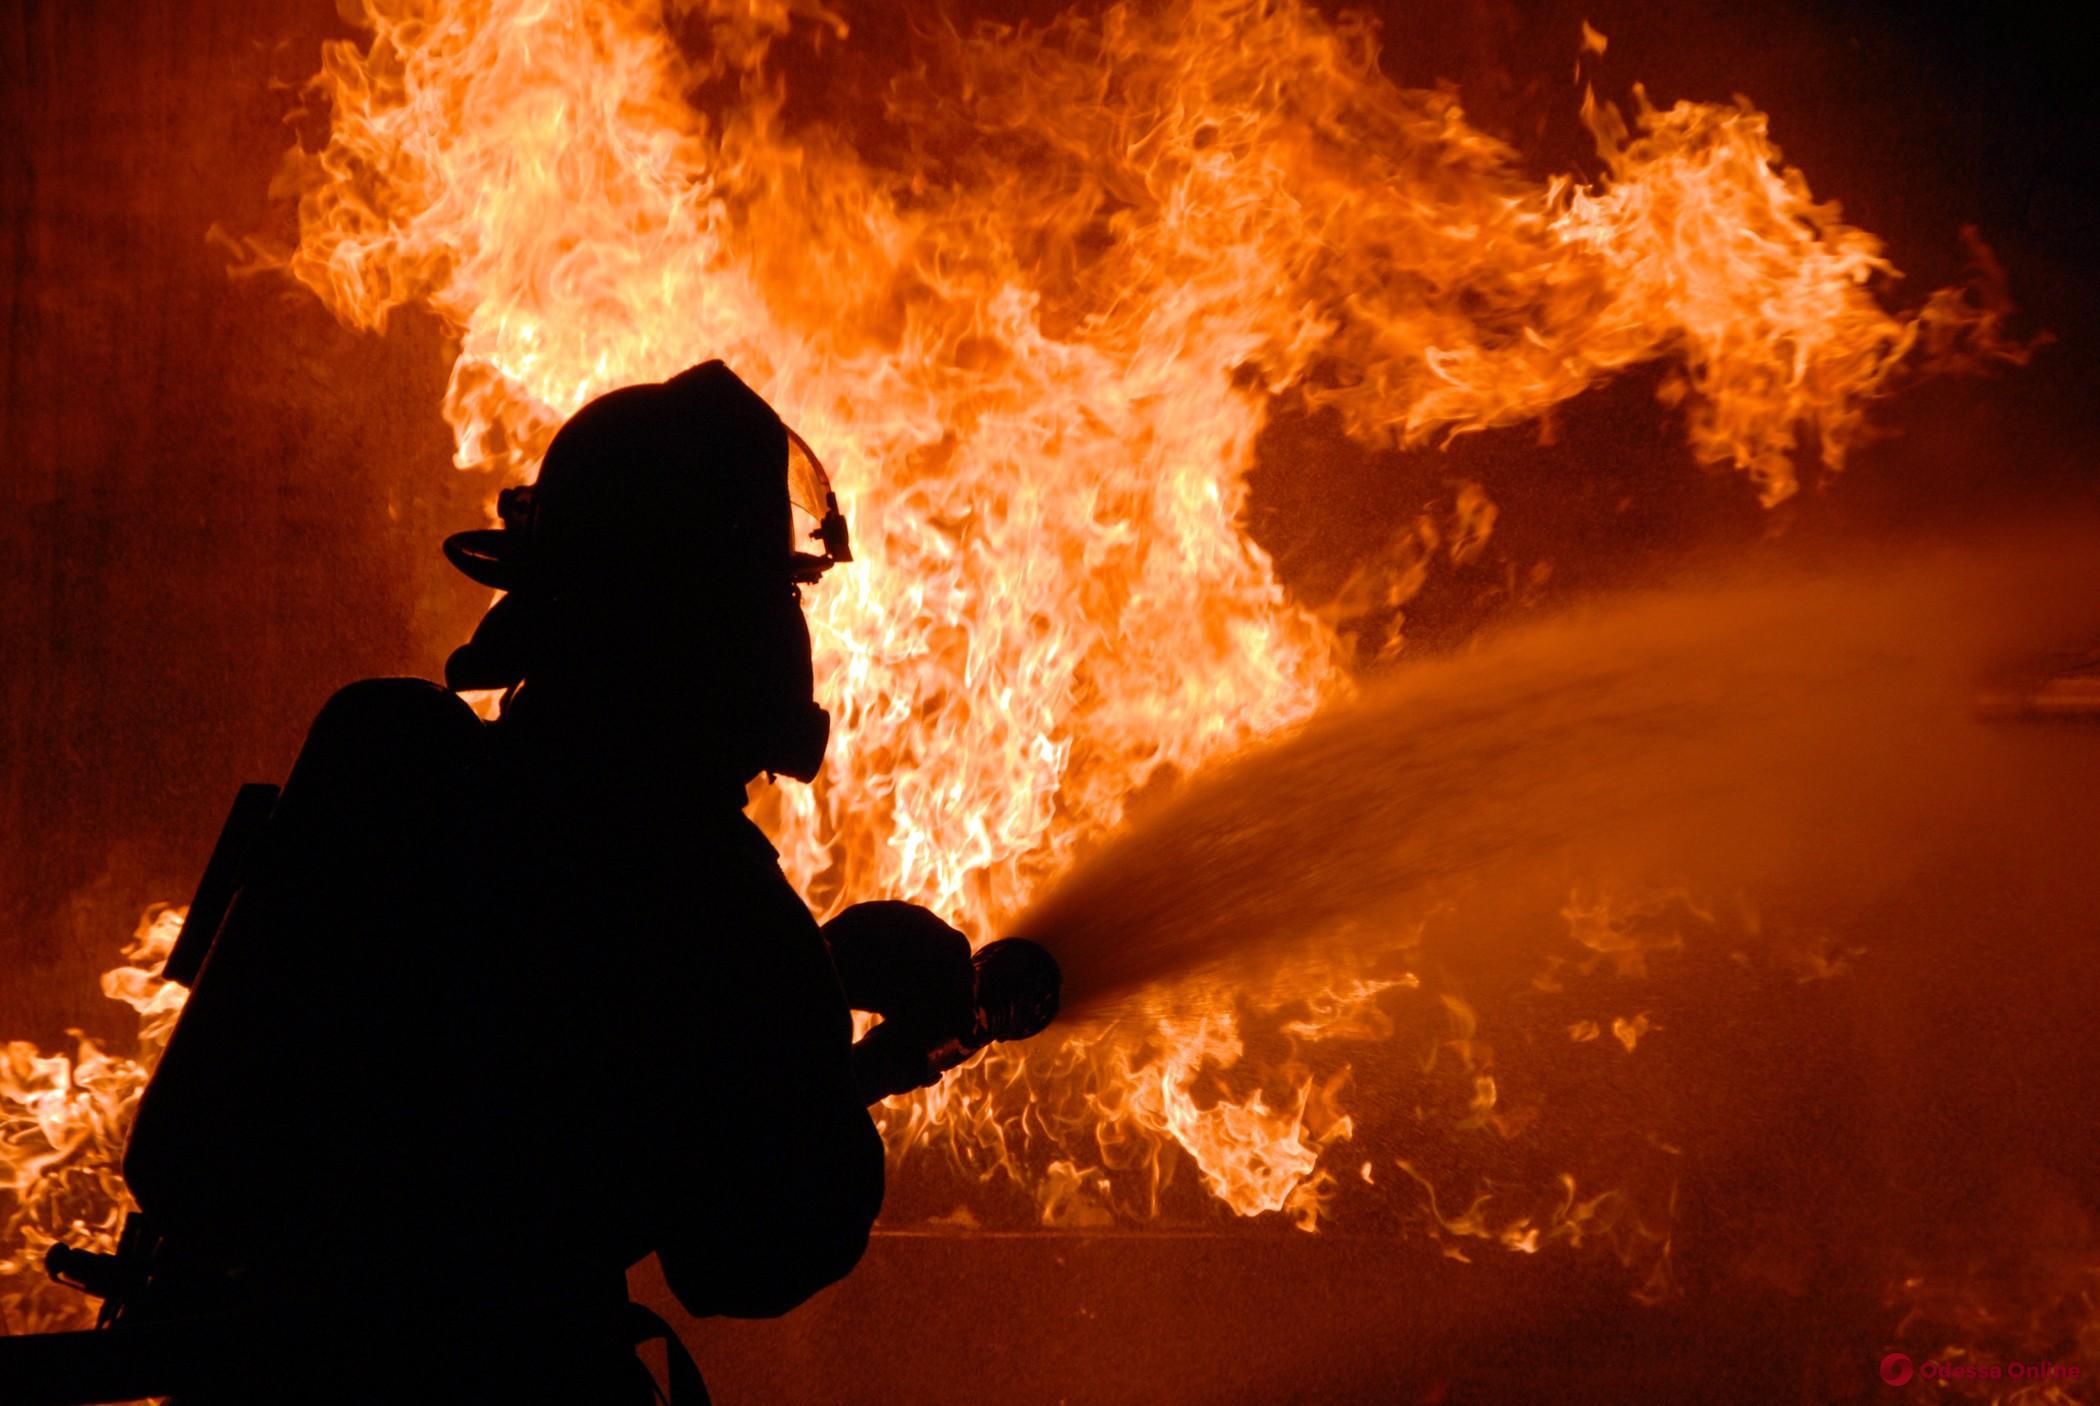 На территории Иверского монастыря произошел пожар (видео, обновлено)